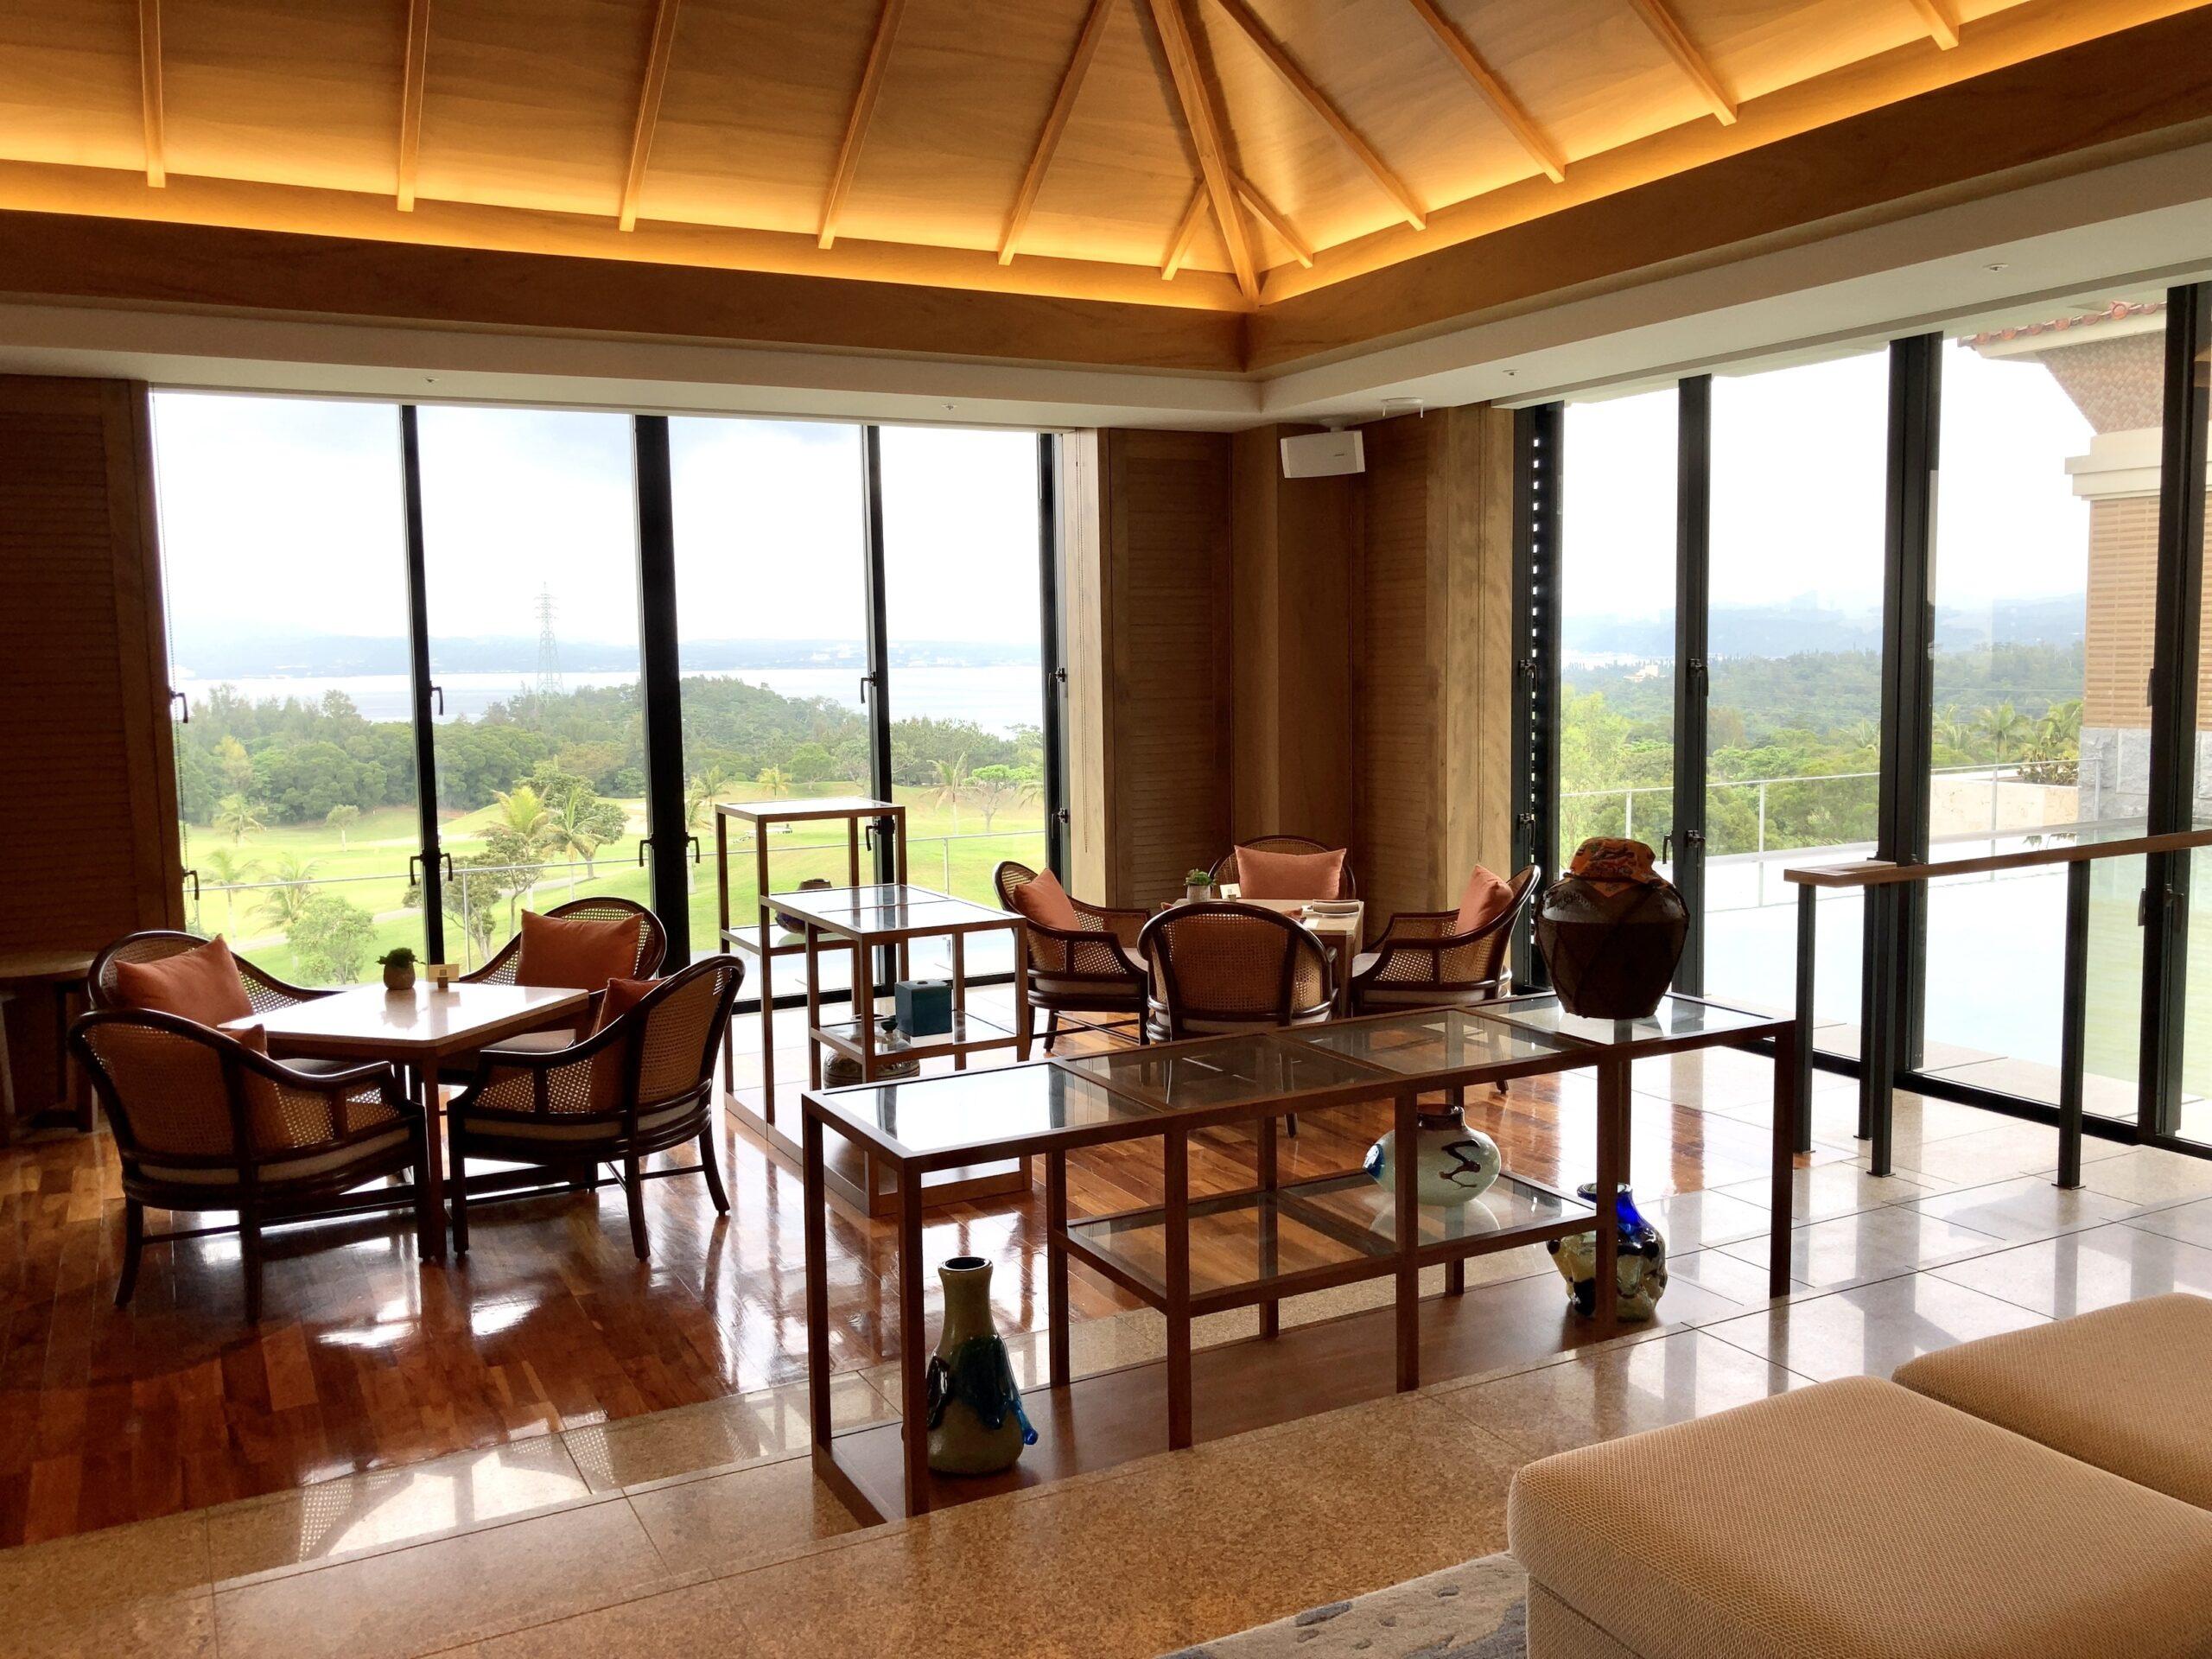 「ザリッツカールトン沖縄」ロビーラウンジからの眺めの写真